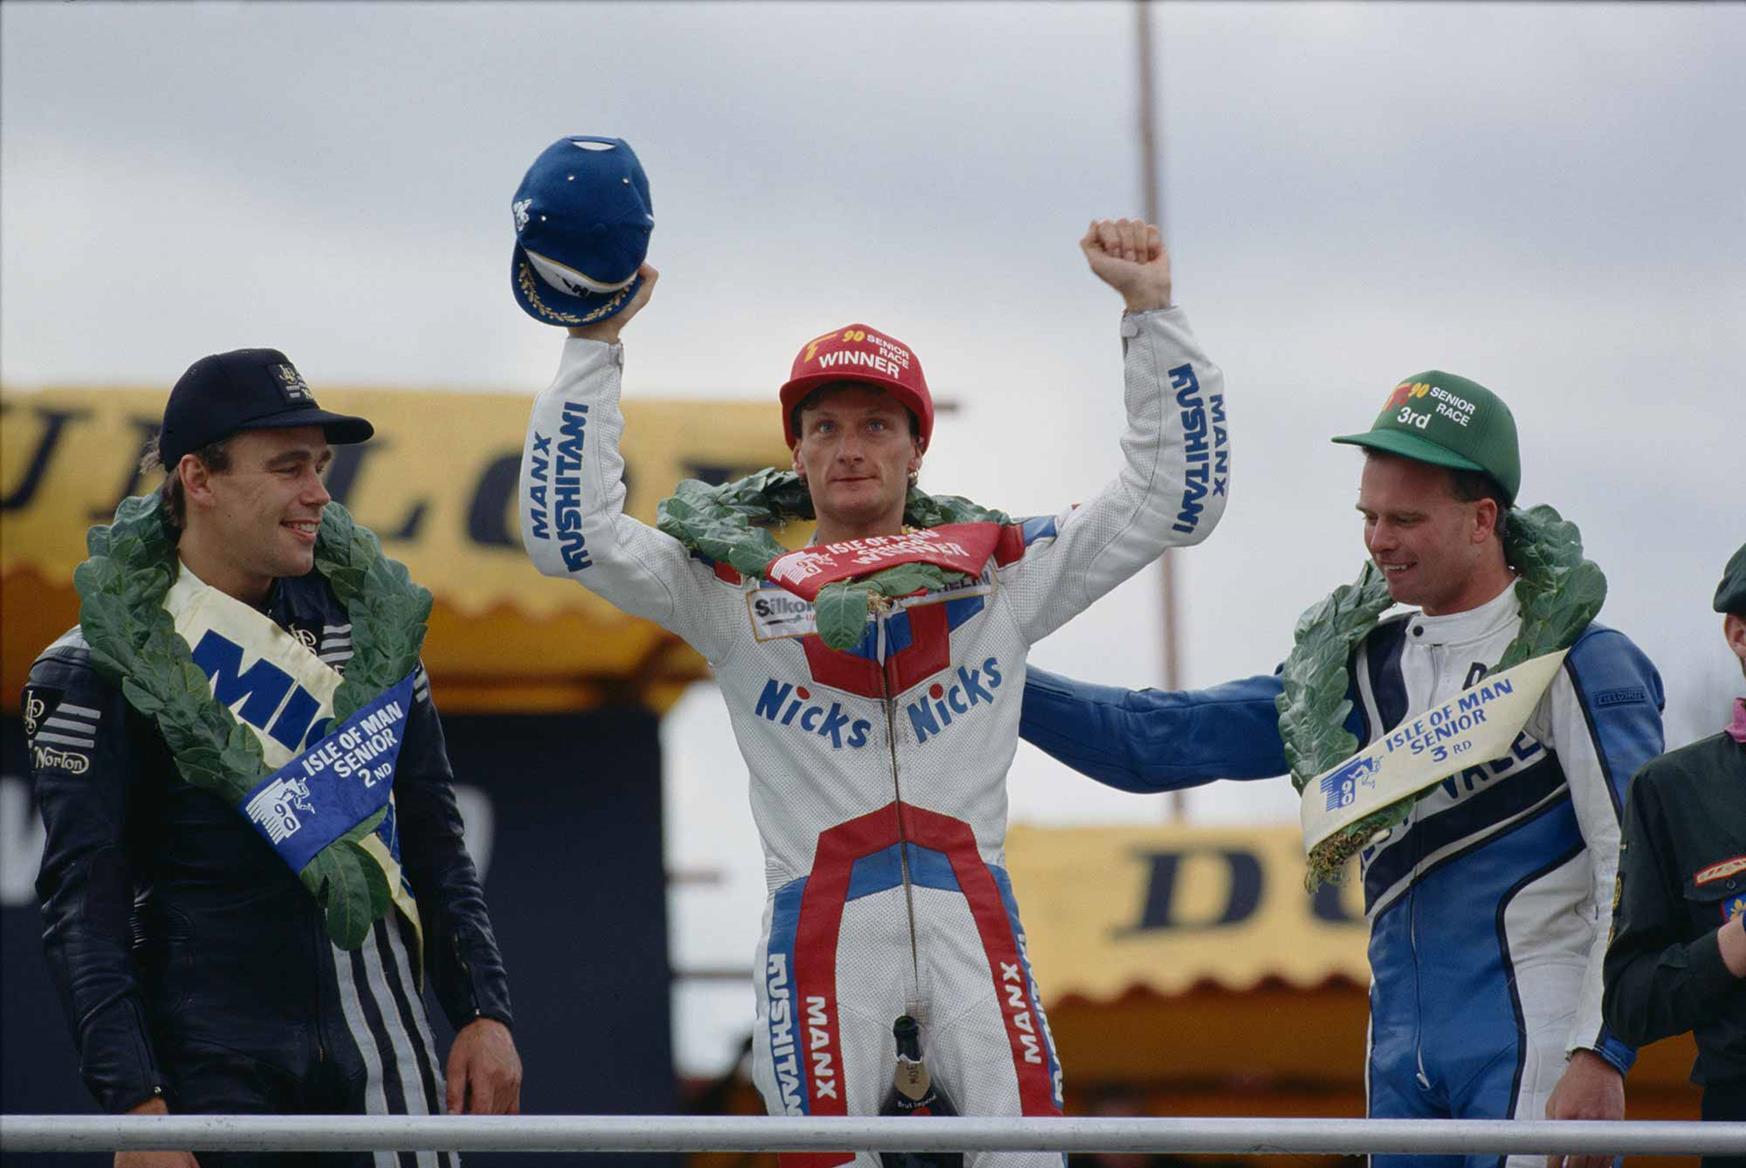 The 1990 Senior TT podium